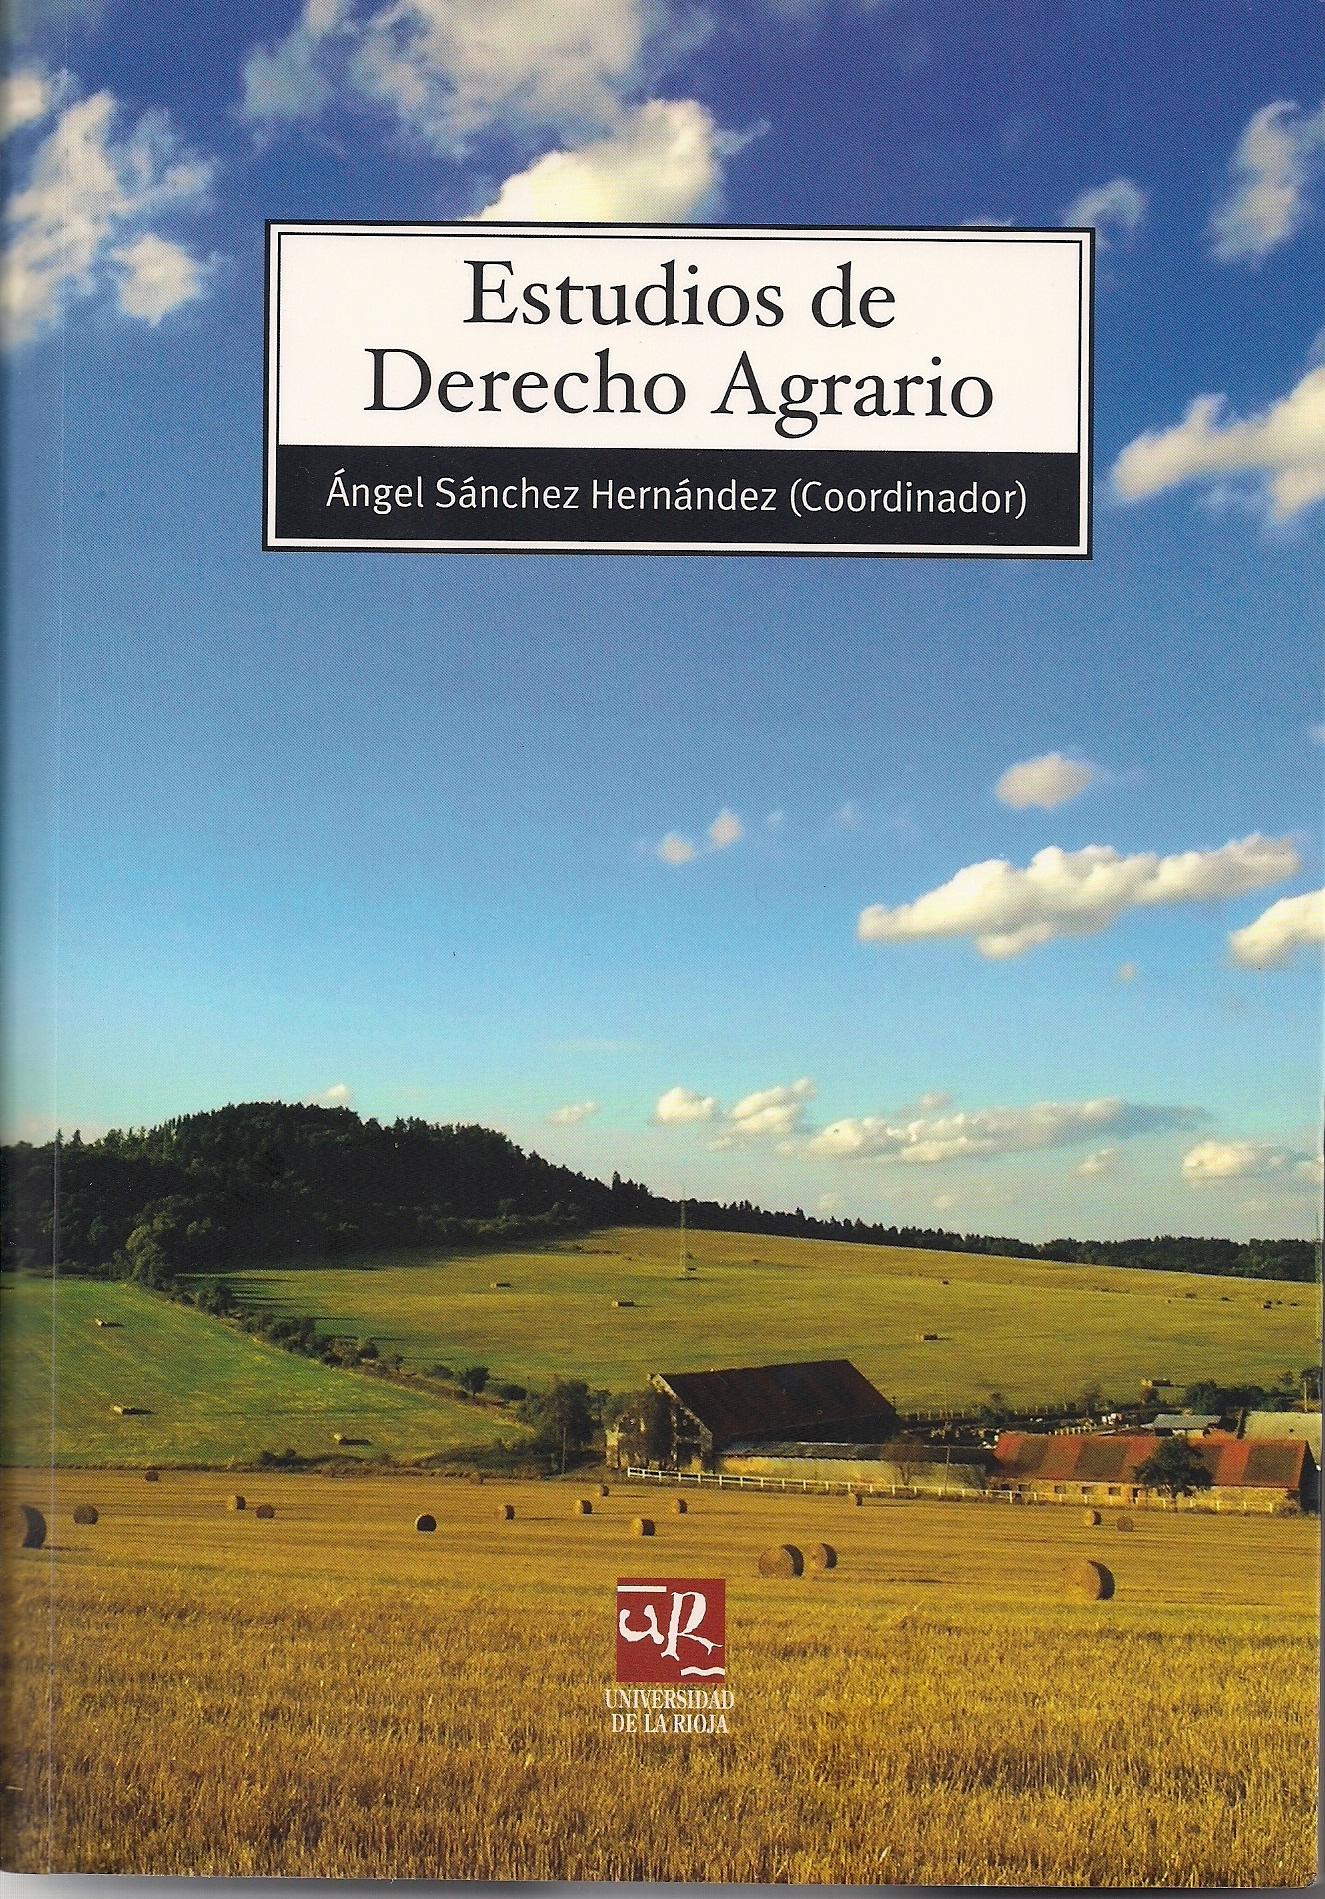 Estudios de Derecho Agrario – 2009